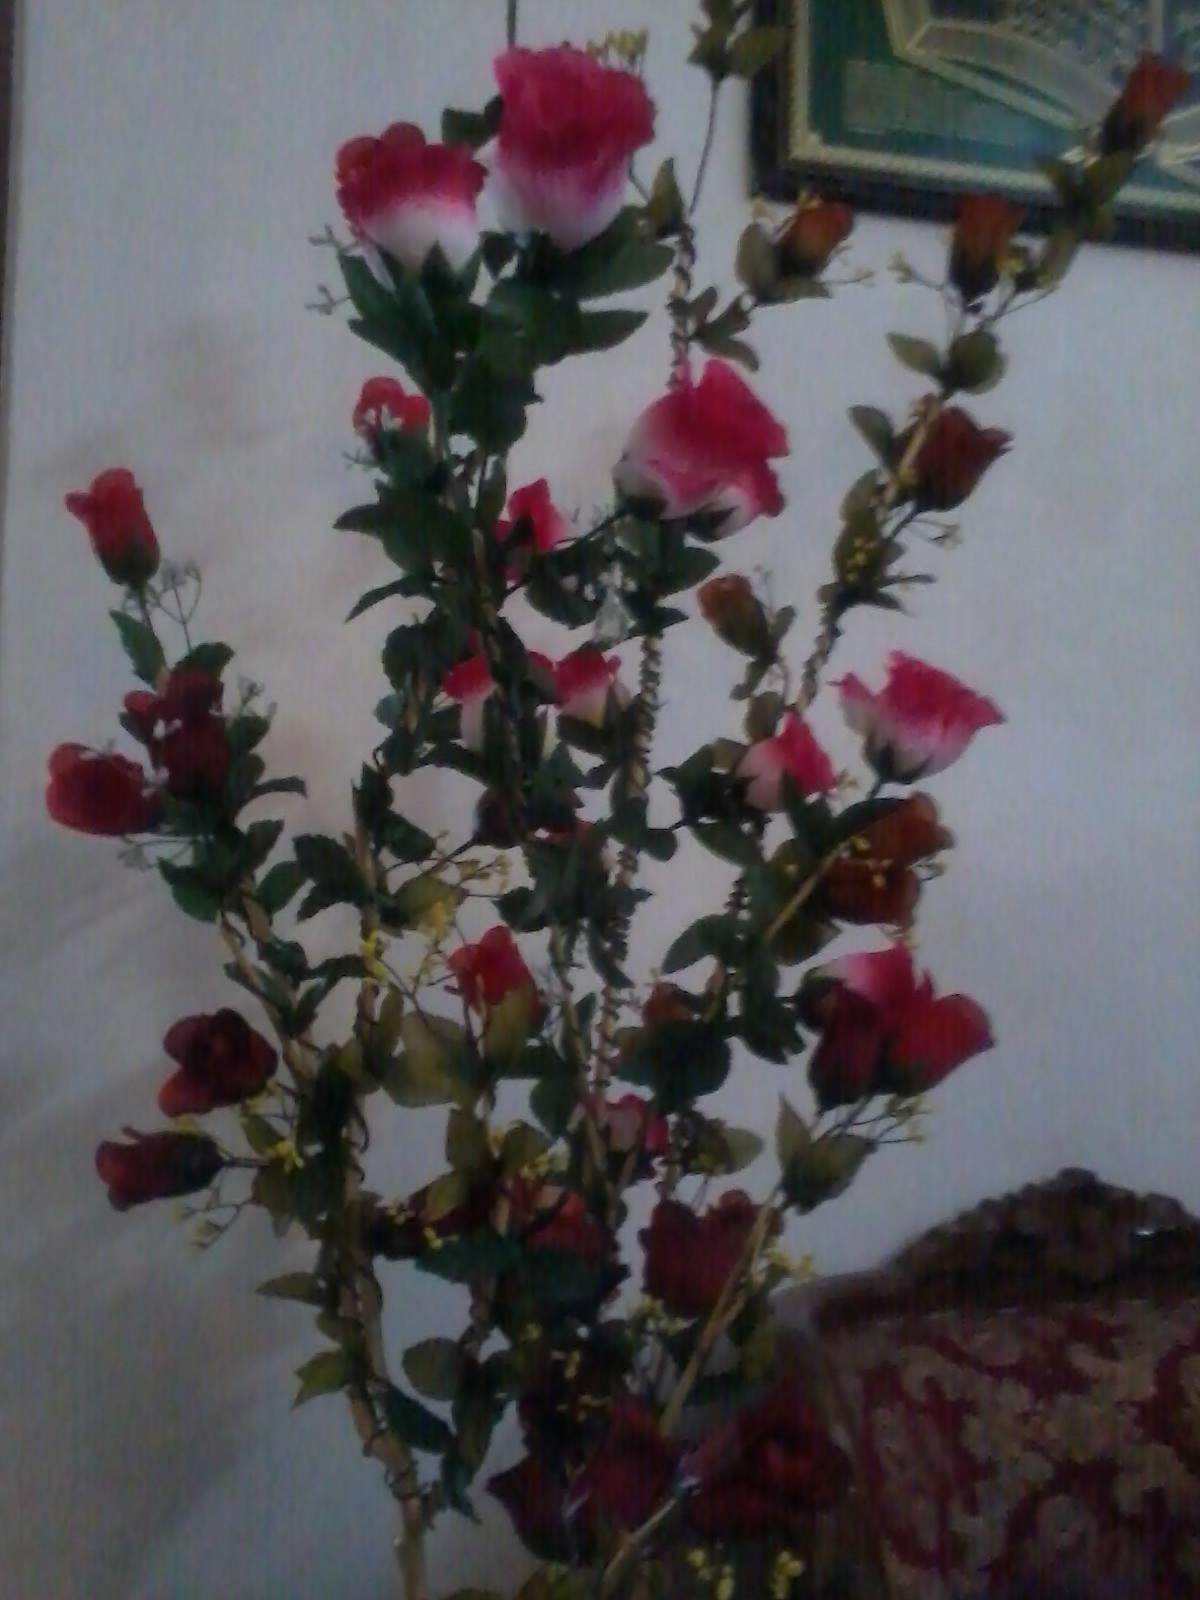 Terbaru 13 Macam Macam Gambar Bunga Plastik Koleksi Bunga Hd Macam macam bunga plastik